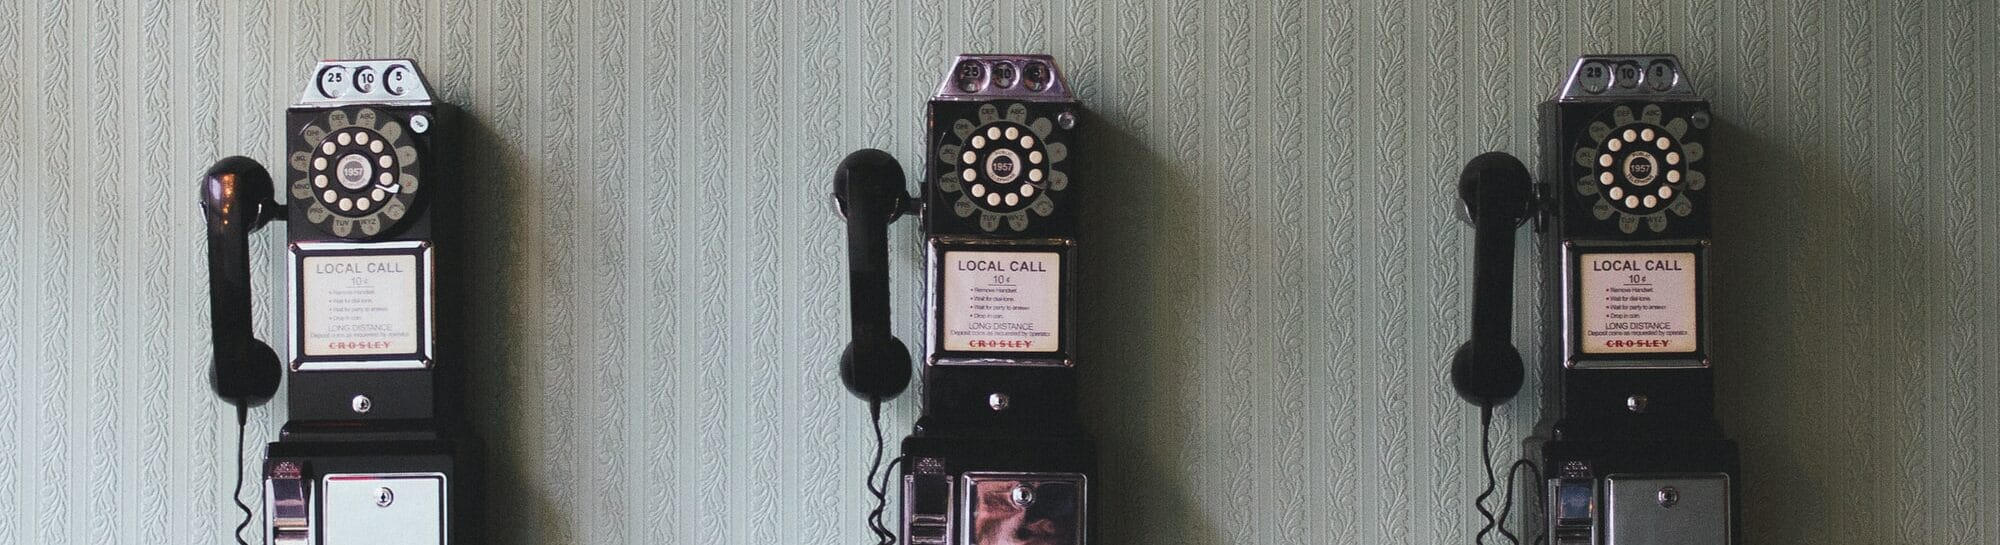 Vorteile von VoIP für die Kommunikation in kleinen und mittleren Unternehmen